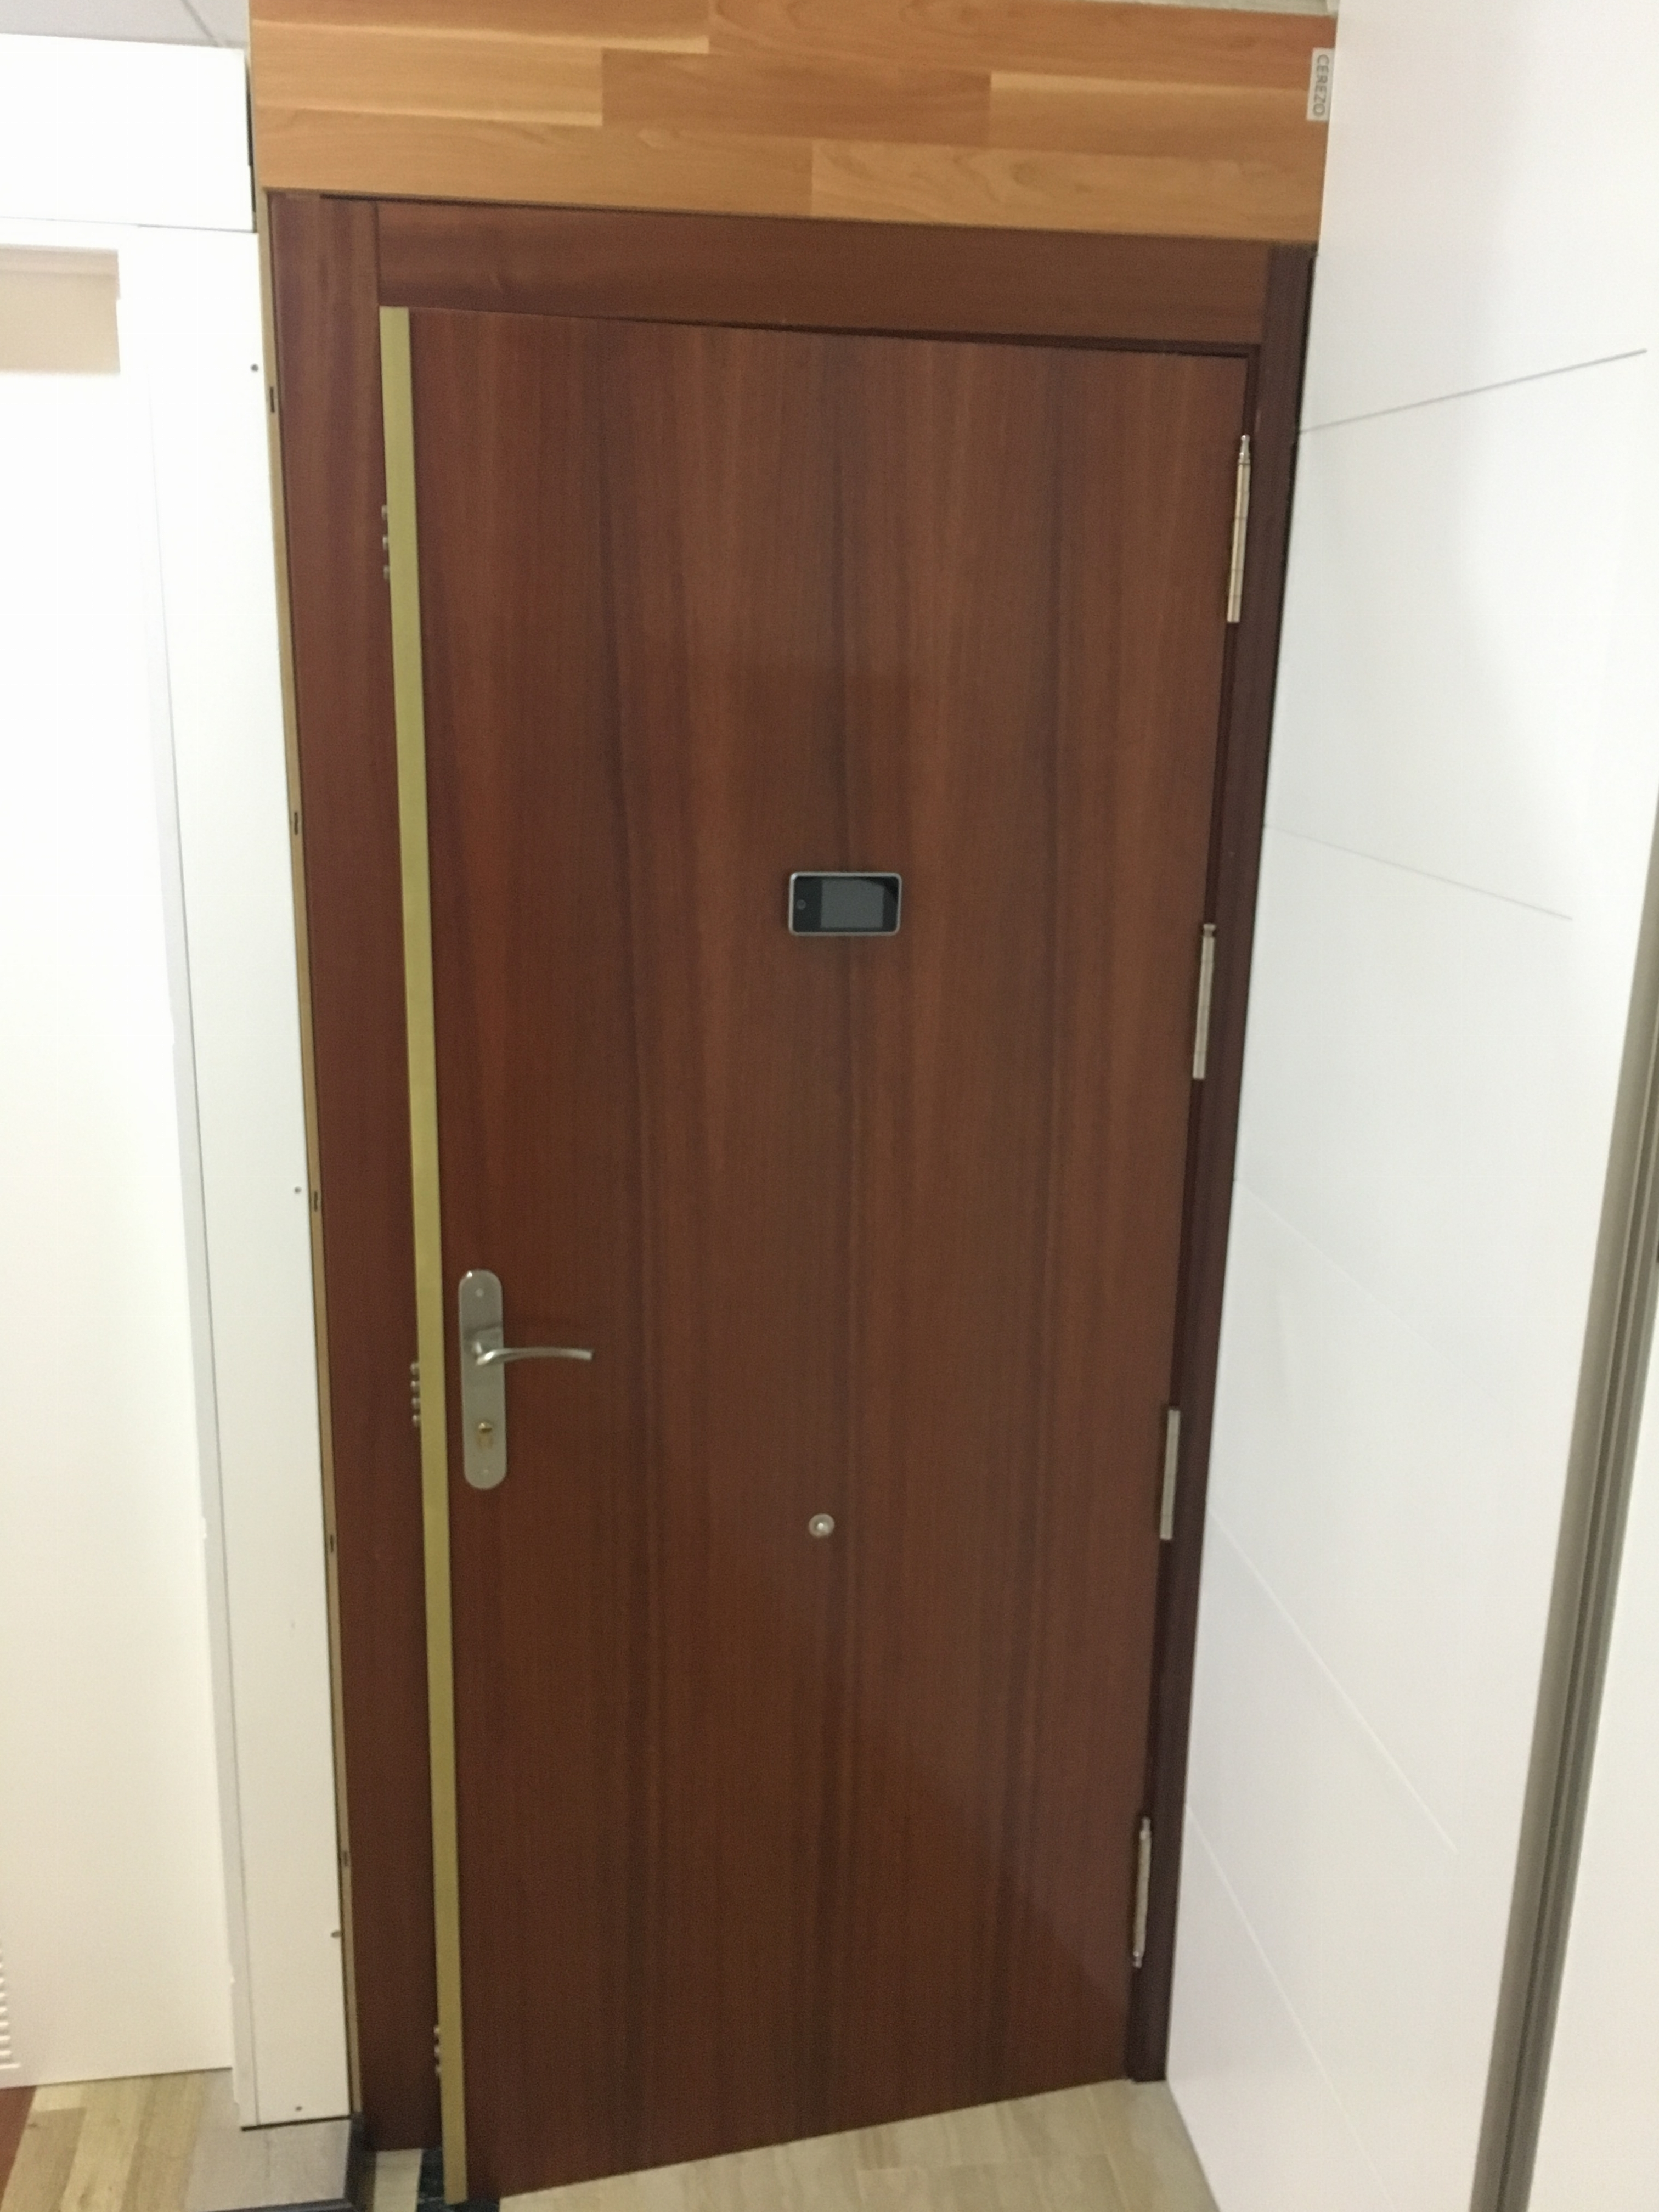 Puertas de entrada para pisos x cm anual anillo redondo d alfombras para sala computadora rea - Aislar puerta entrada piso ...